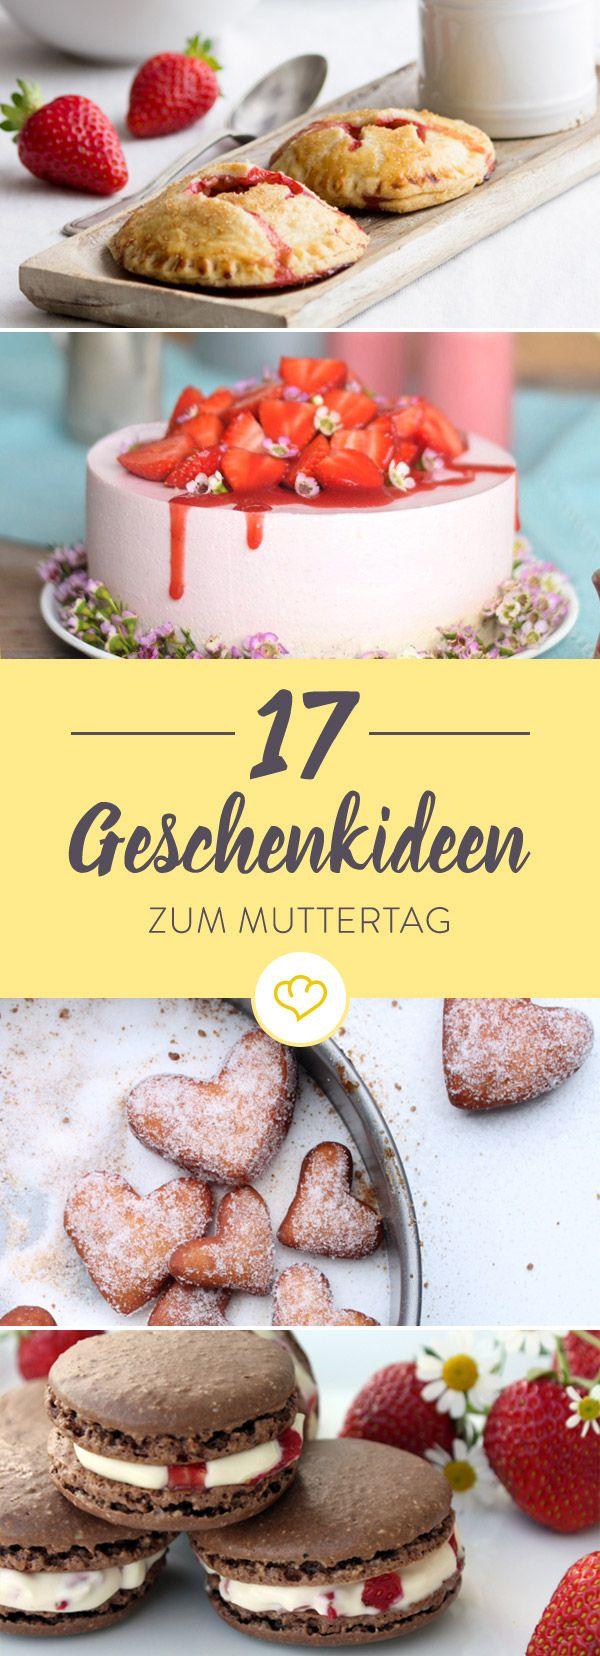 Ihr wollt eurer Mama eine Freude zum Muttertag machen? Wir haben 17 leckere Ideen, mit der ihr eure Mama mal so richtig verwöhnen könnt.